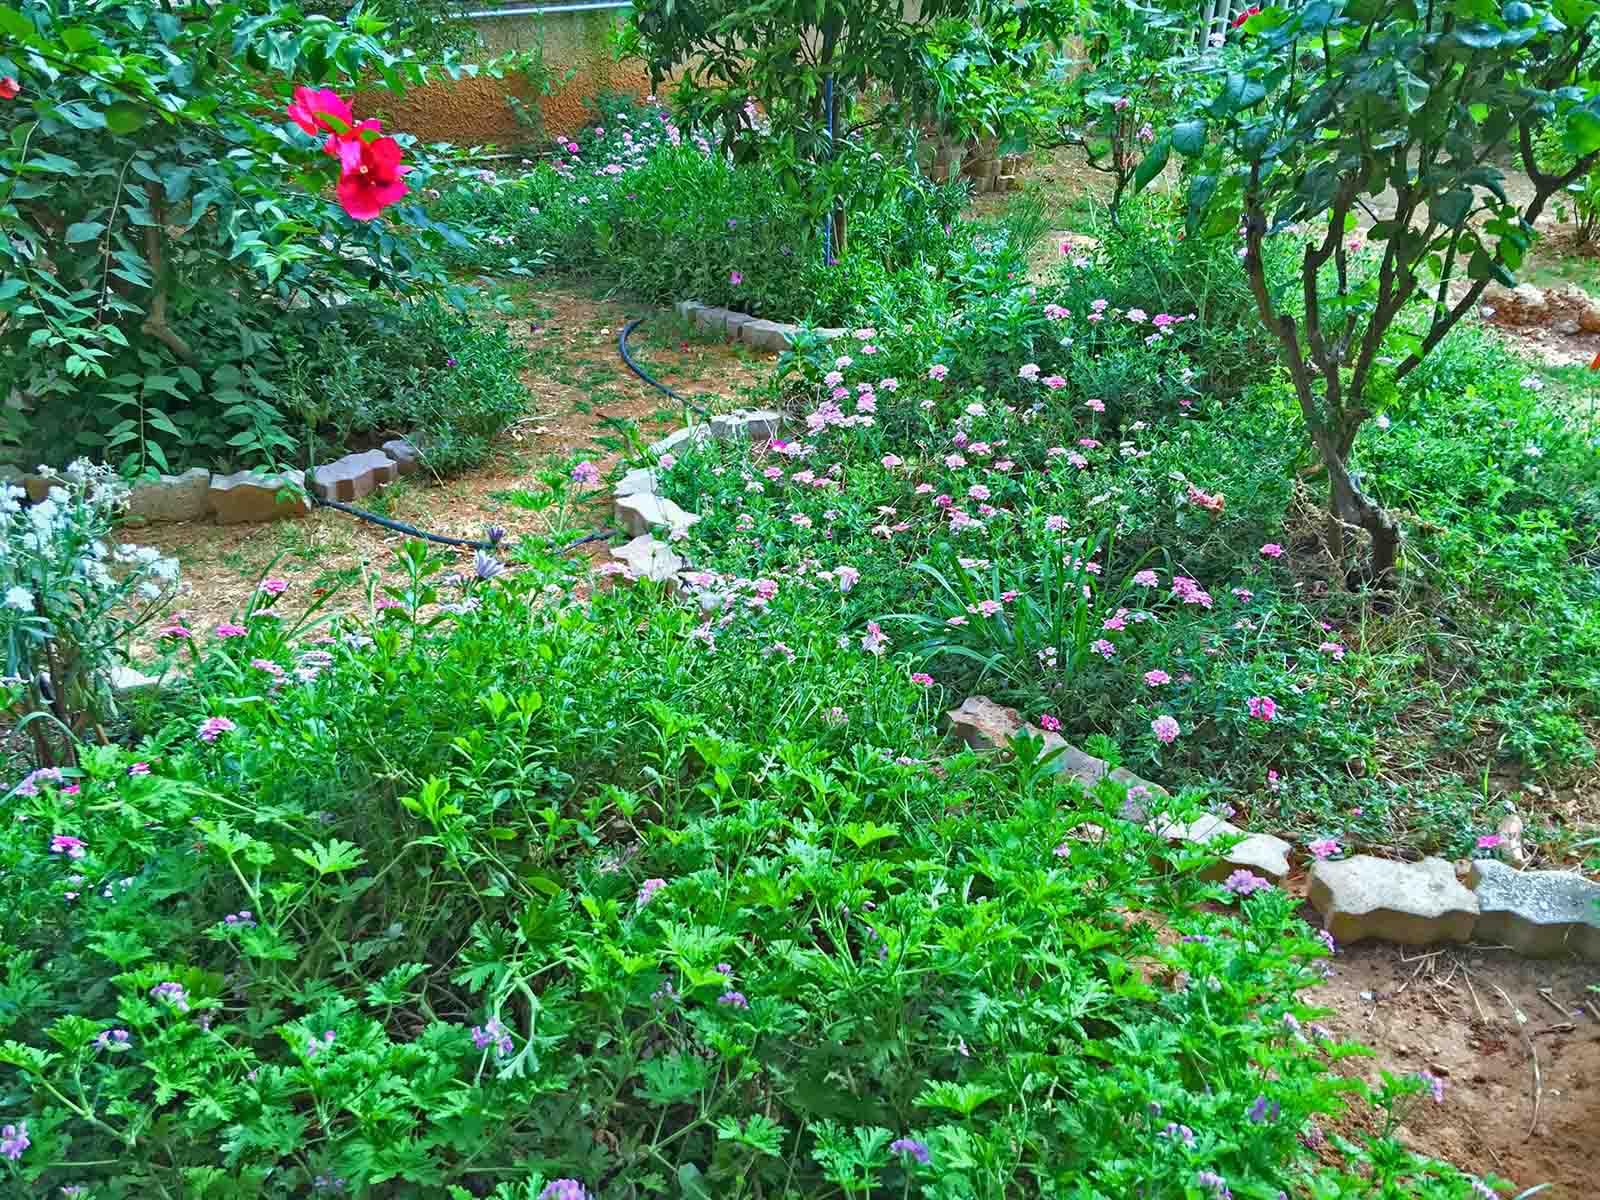 Κατασκευή κήπου σε κοινόχρηστους χώρους